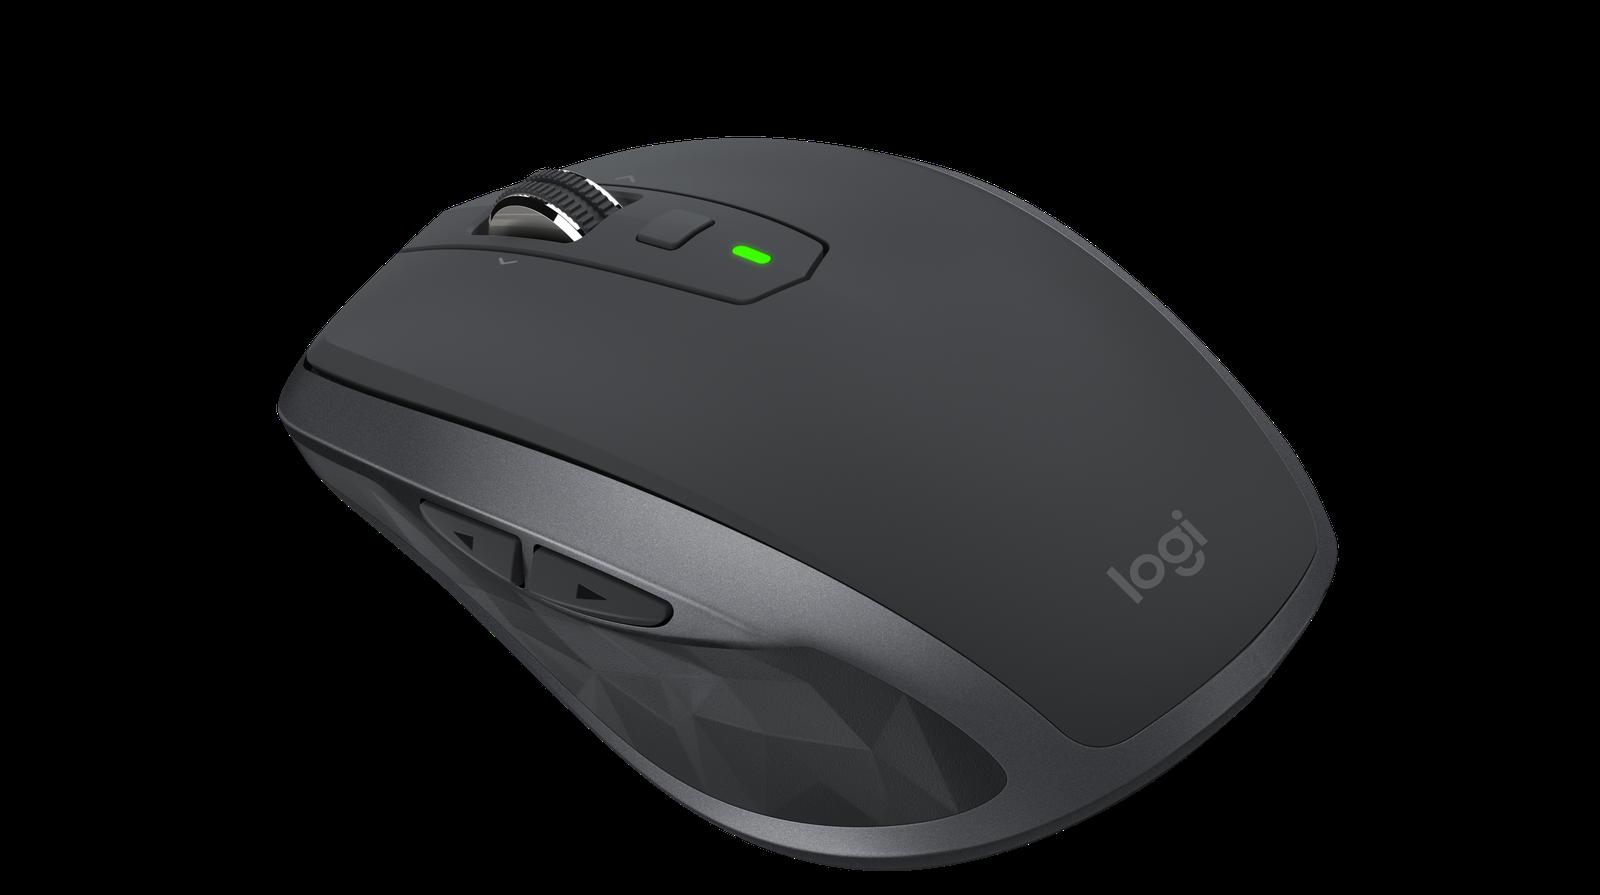 Легендарные мышки Logitech обновились и возвращаются на рынок